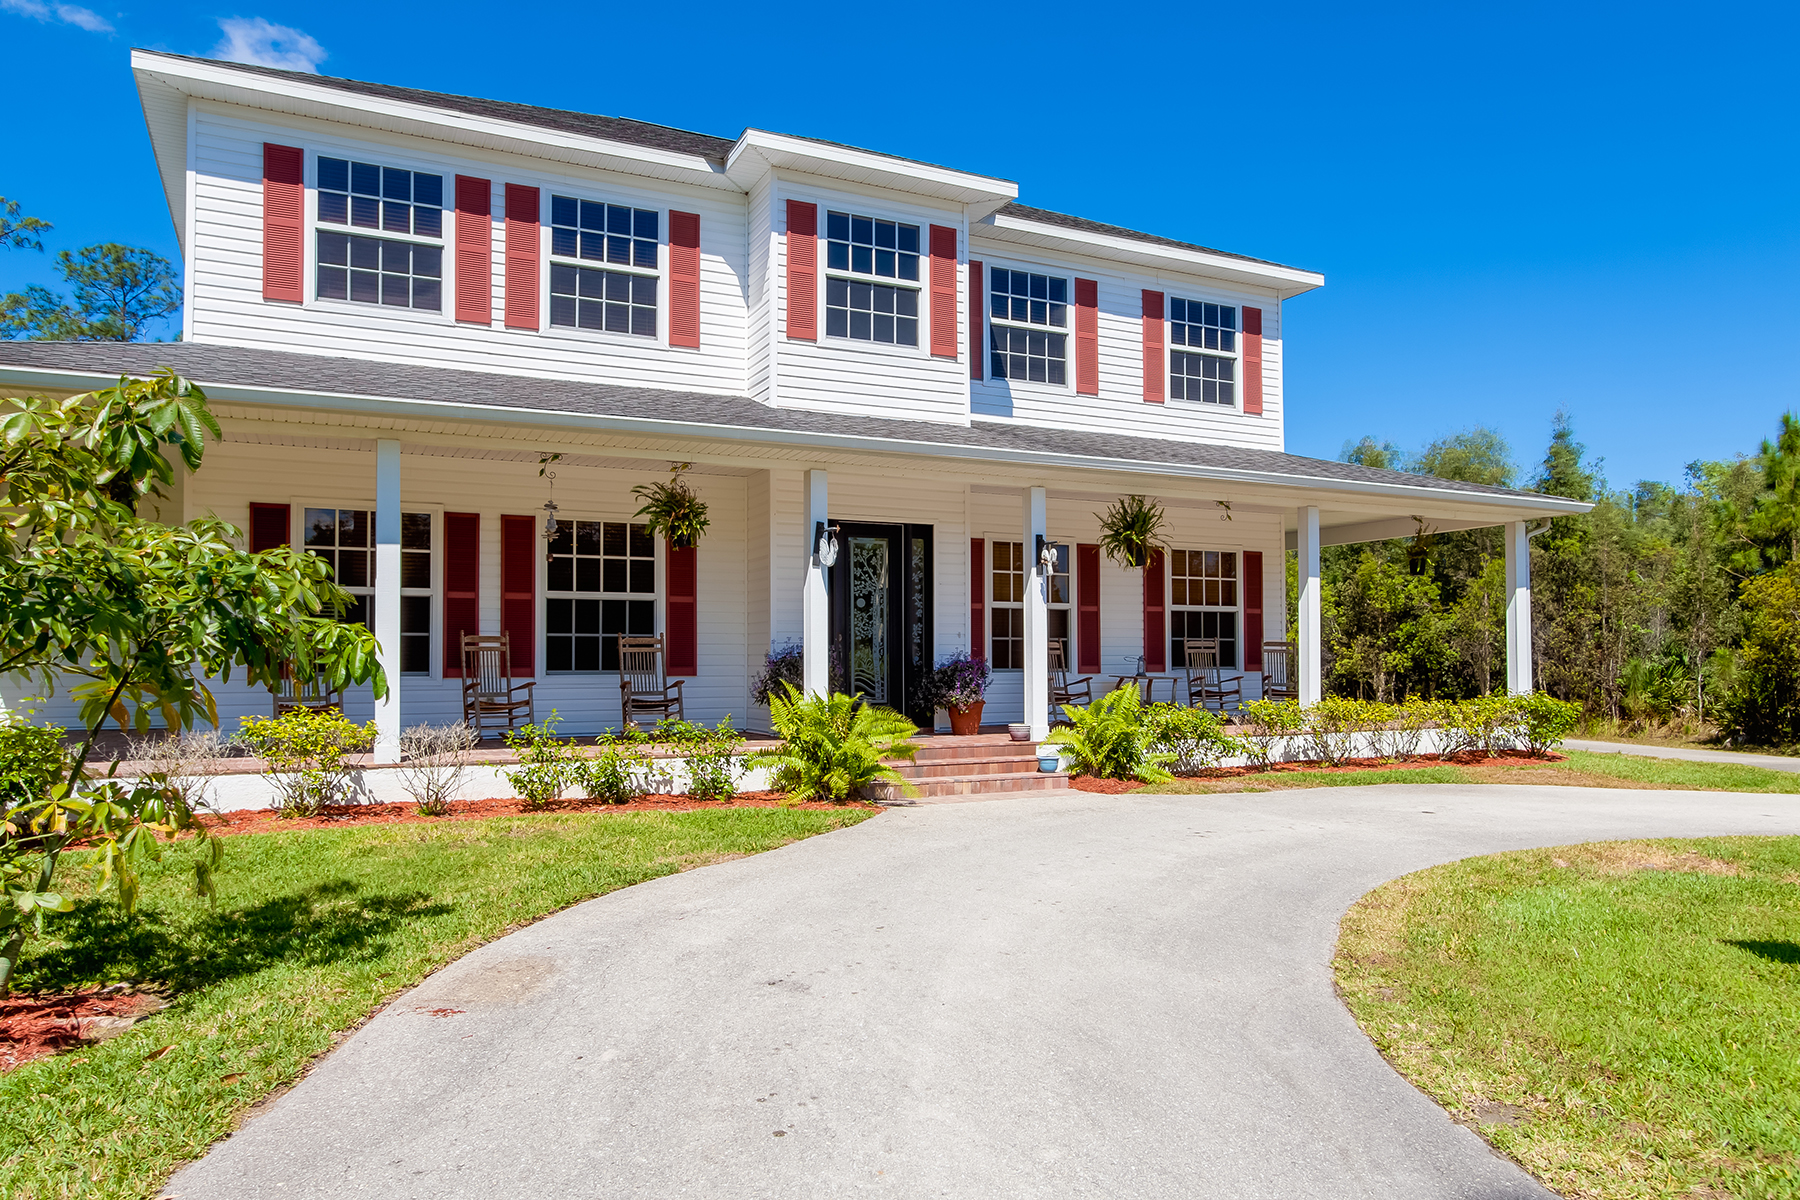 一戸建て のために 売買 アット COLONIAL FARMS 12300 Cannon Ln Fort Myers, フロリダ, 33912 アメリカ合衆国